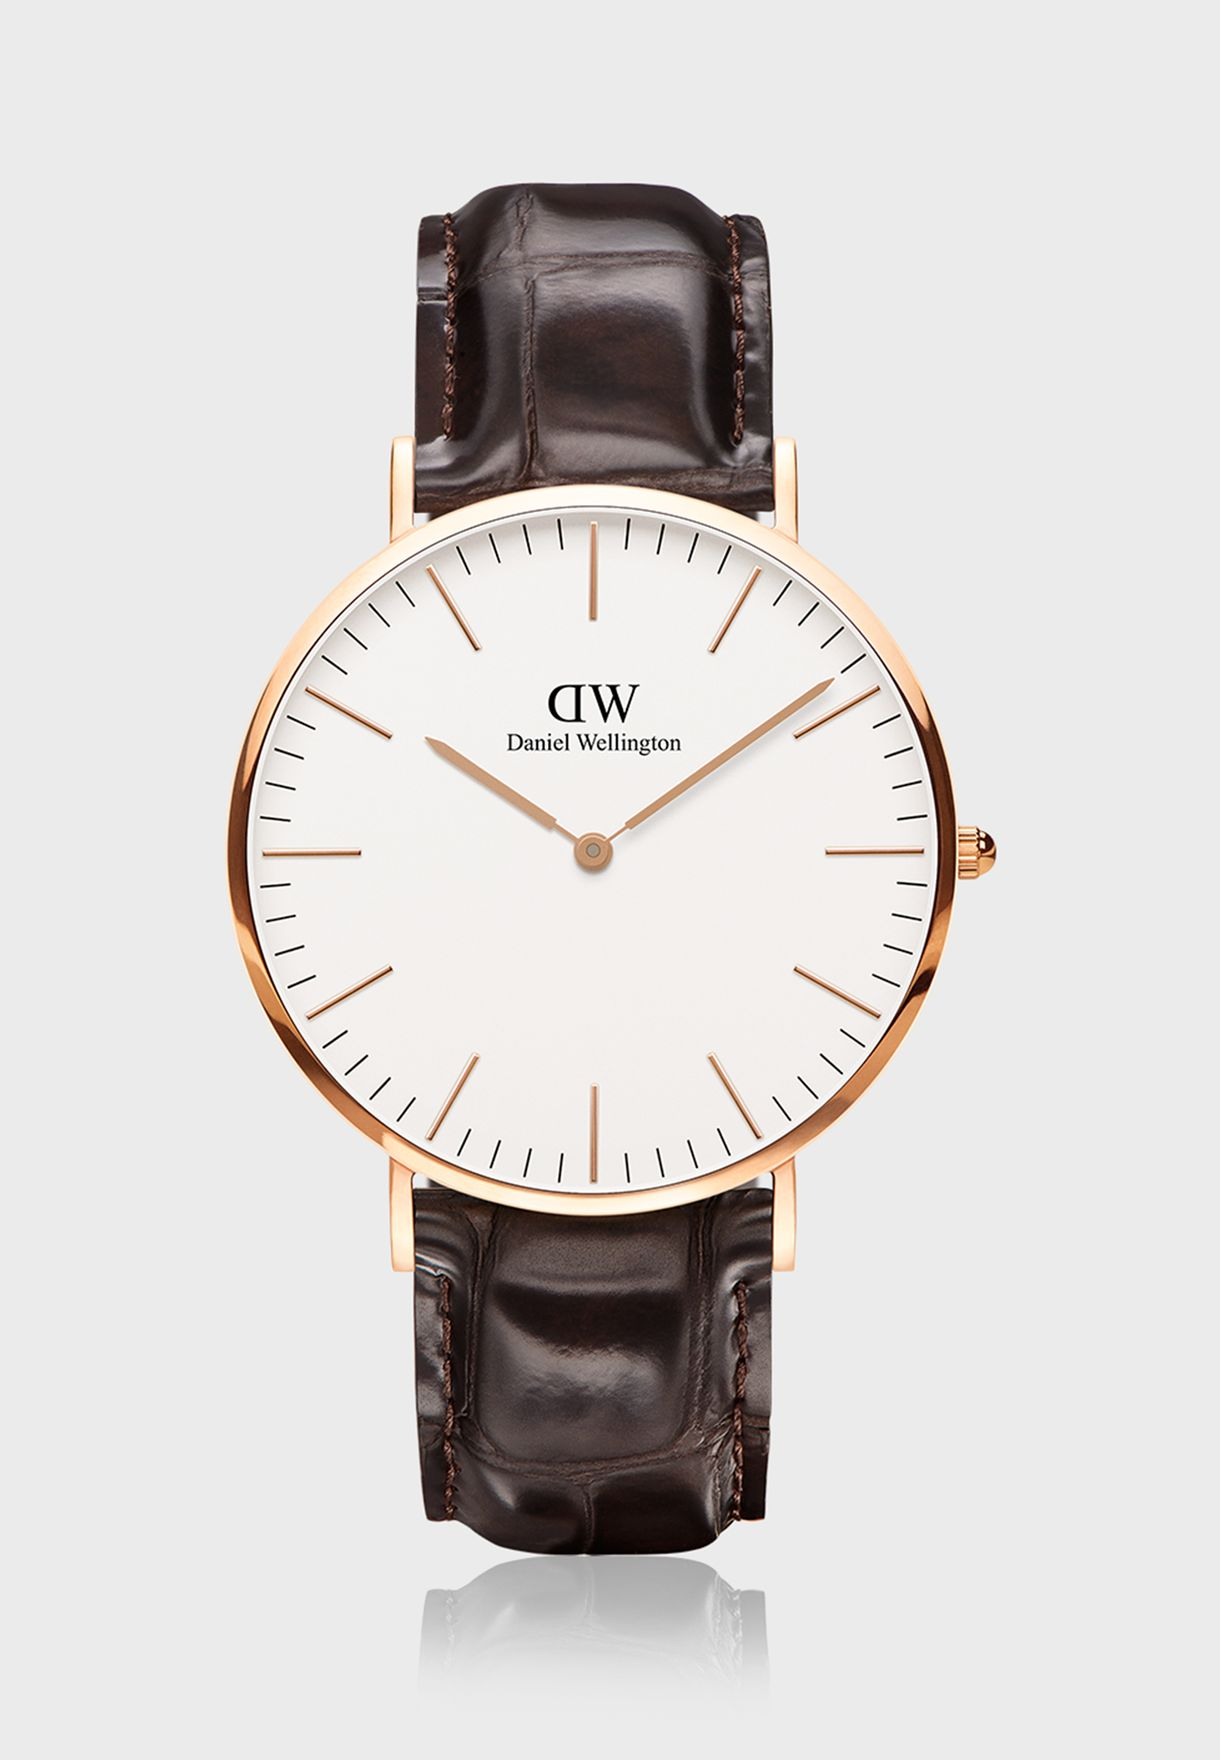 ساعة يورك ار جي وايت الكلاسيكية 40 مم